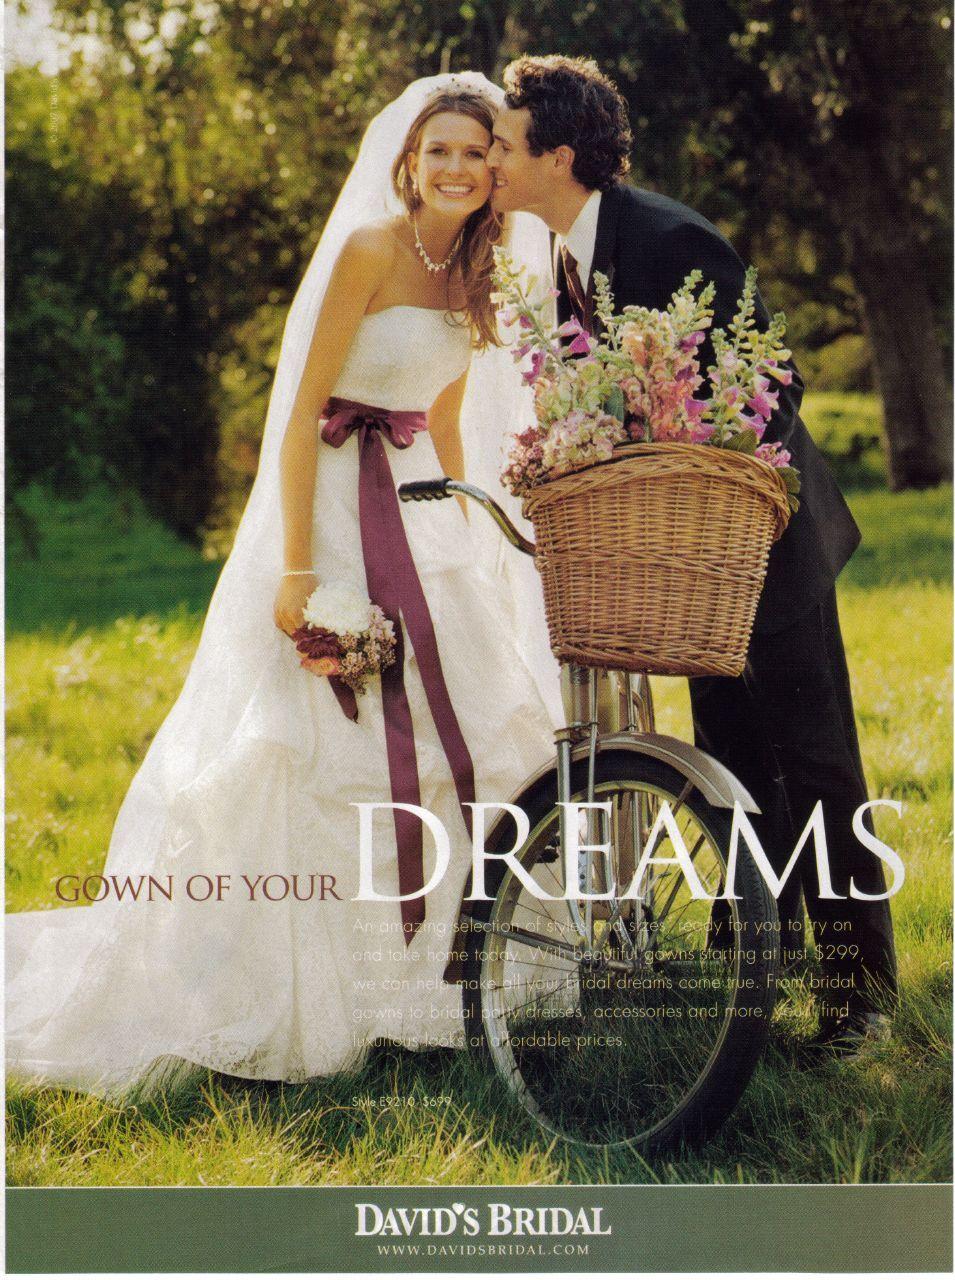 Wedding Advertisements